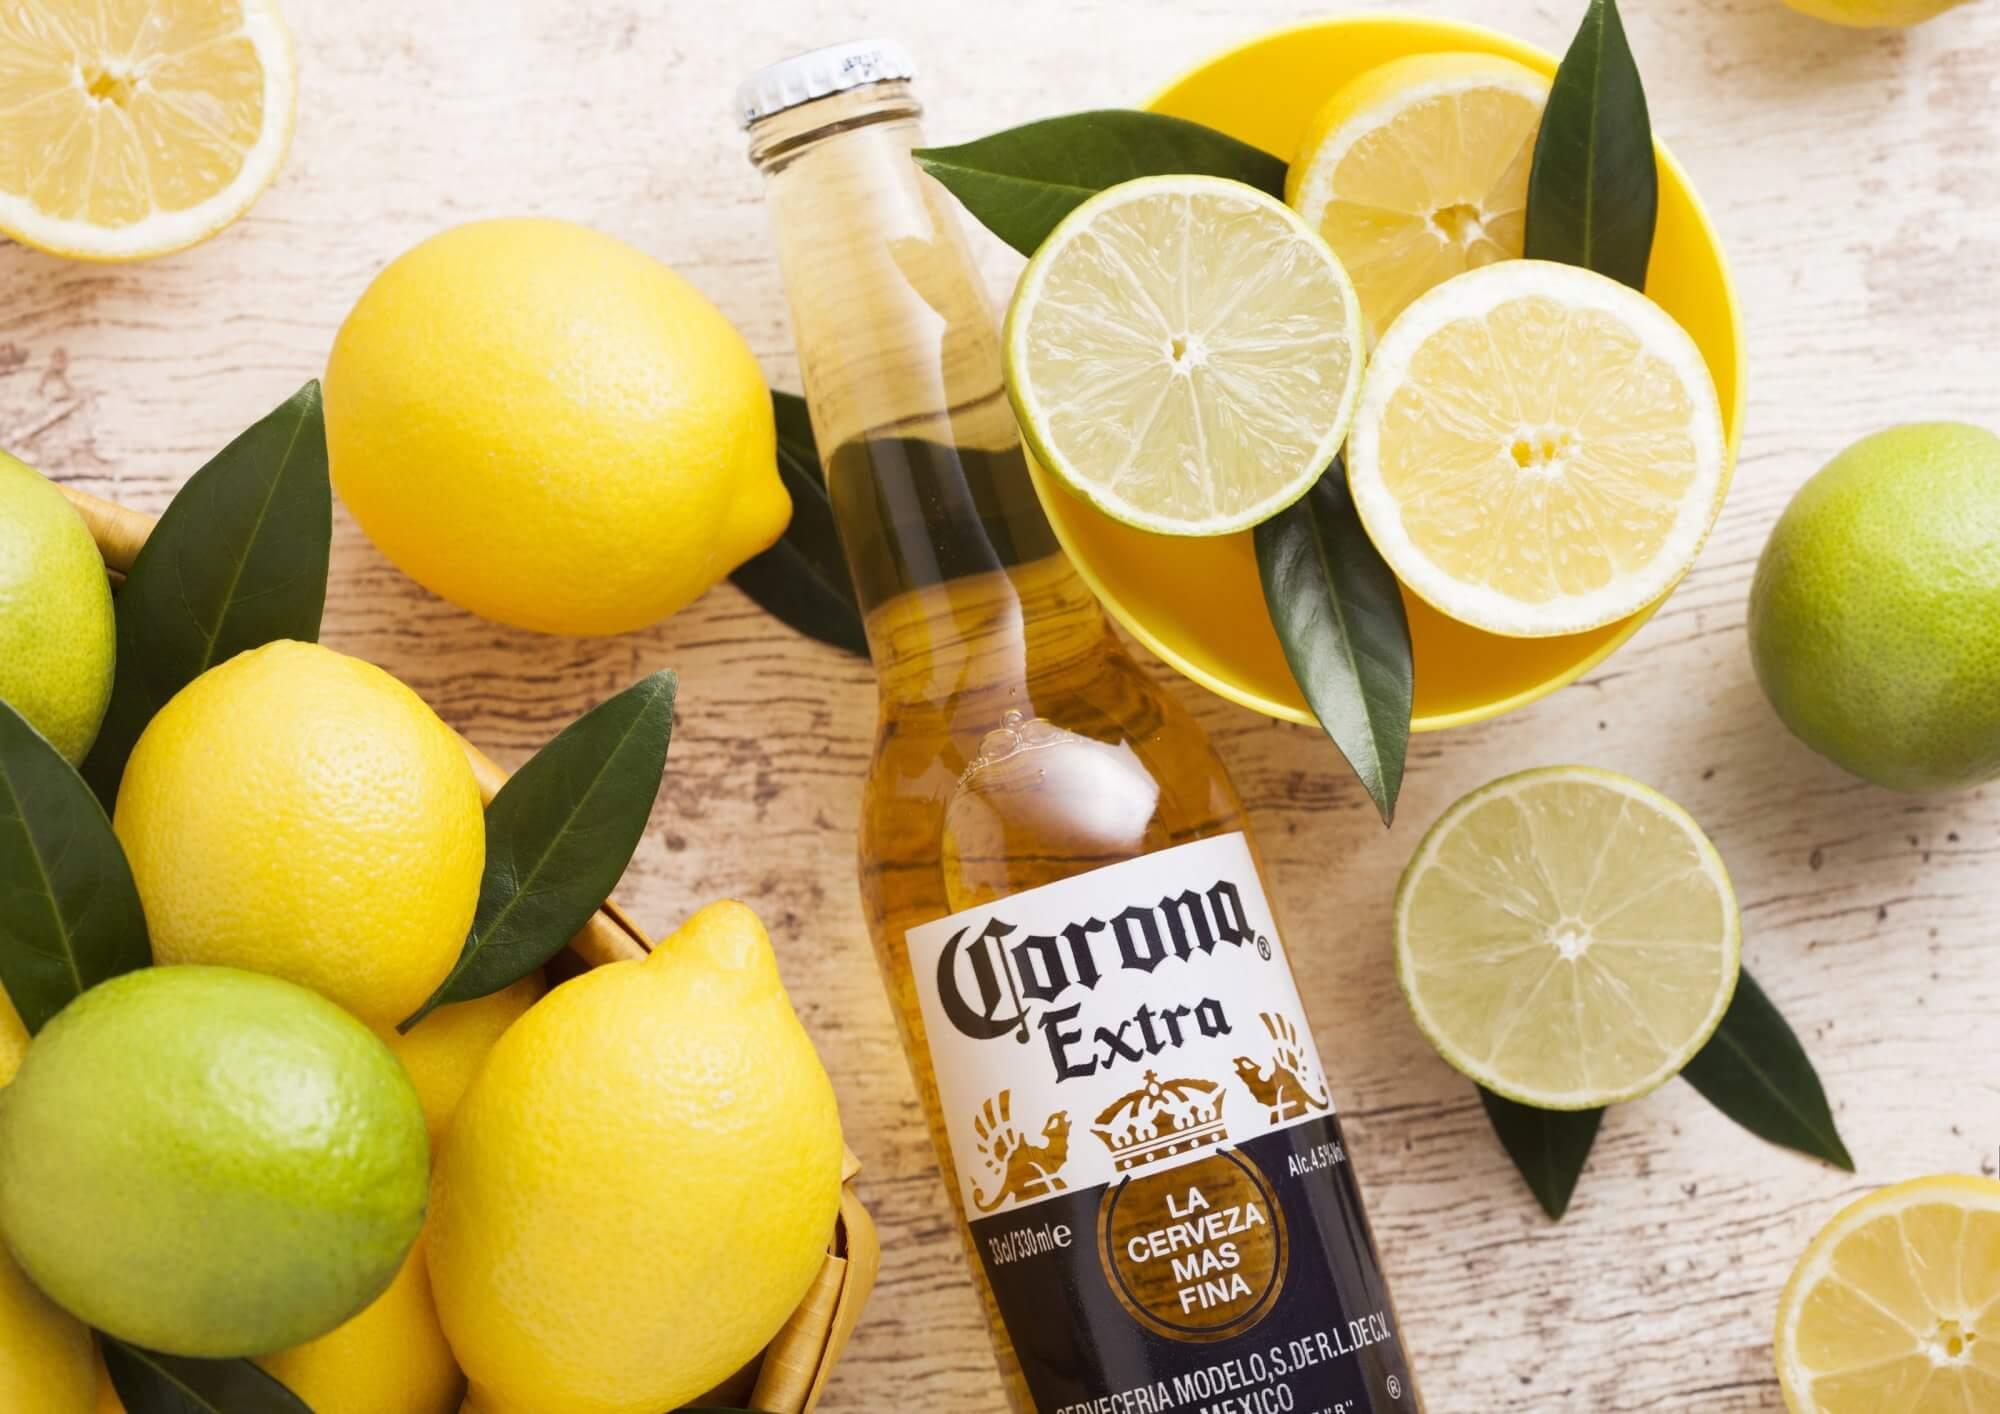 Как дистрибьютор убедил людей в том, что пиво Corona содержит мочу